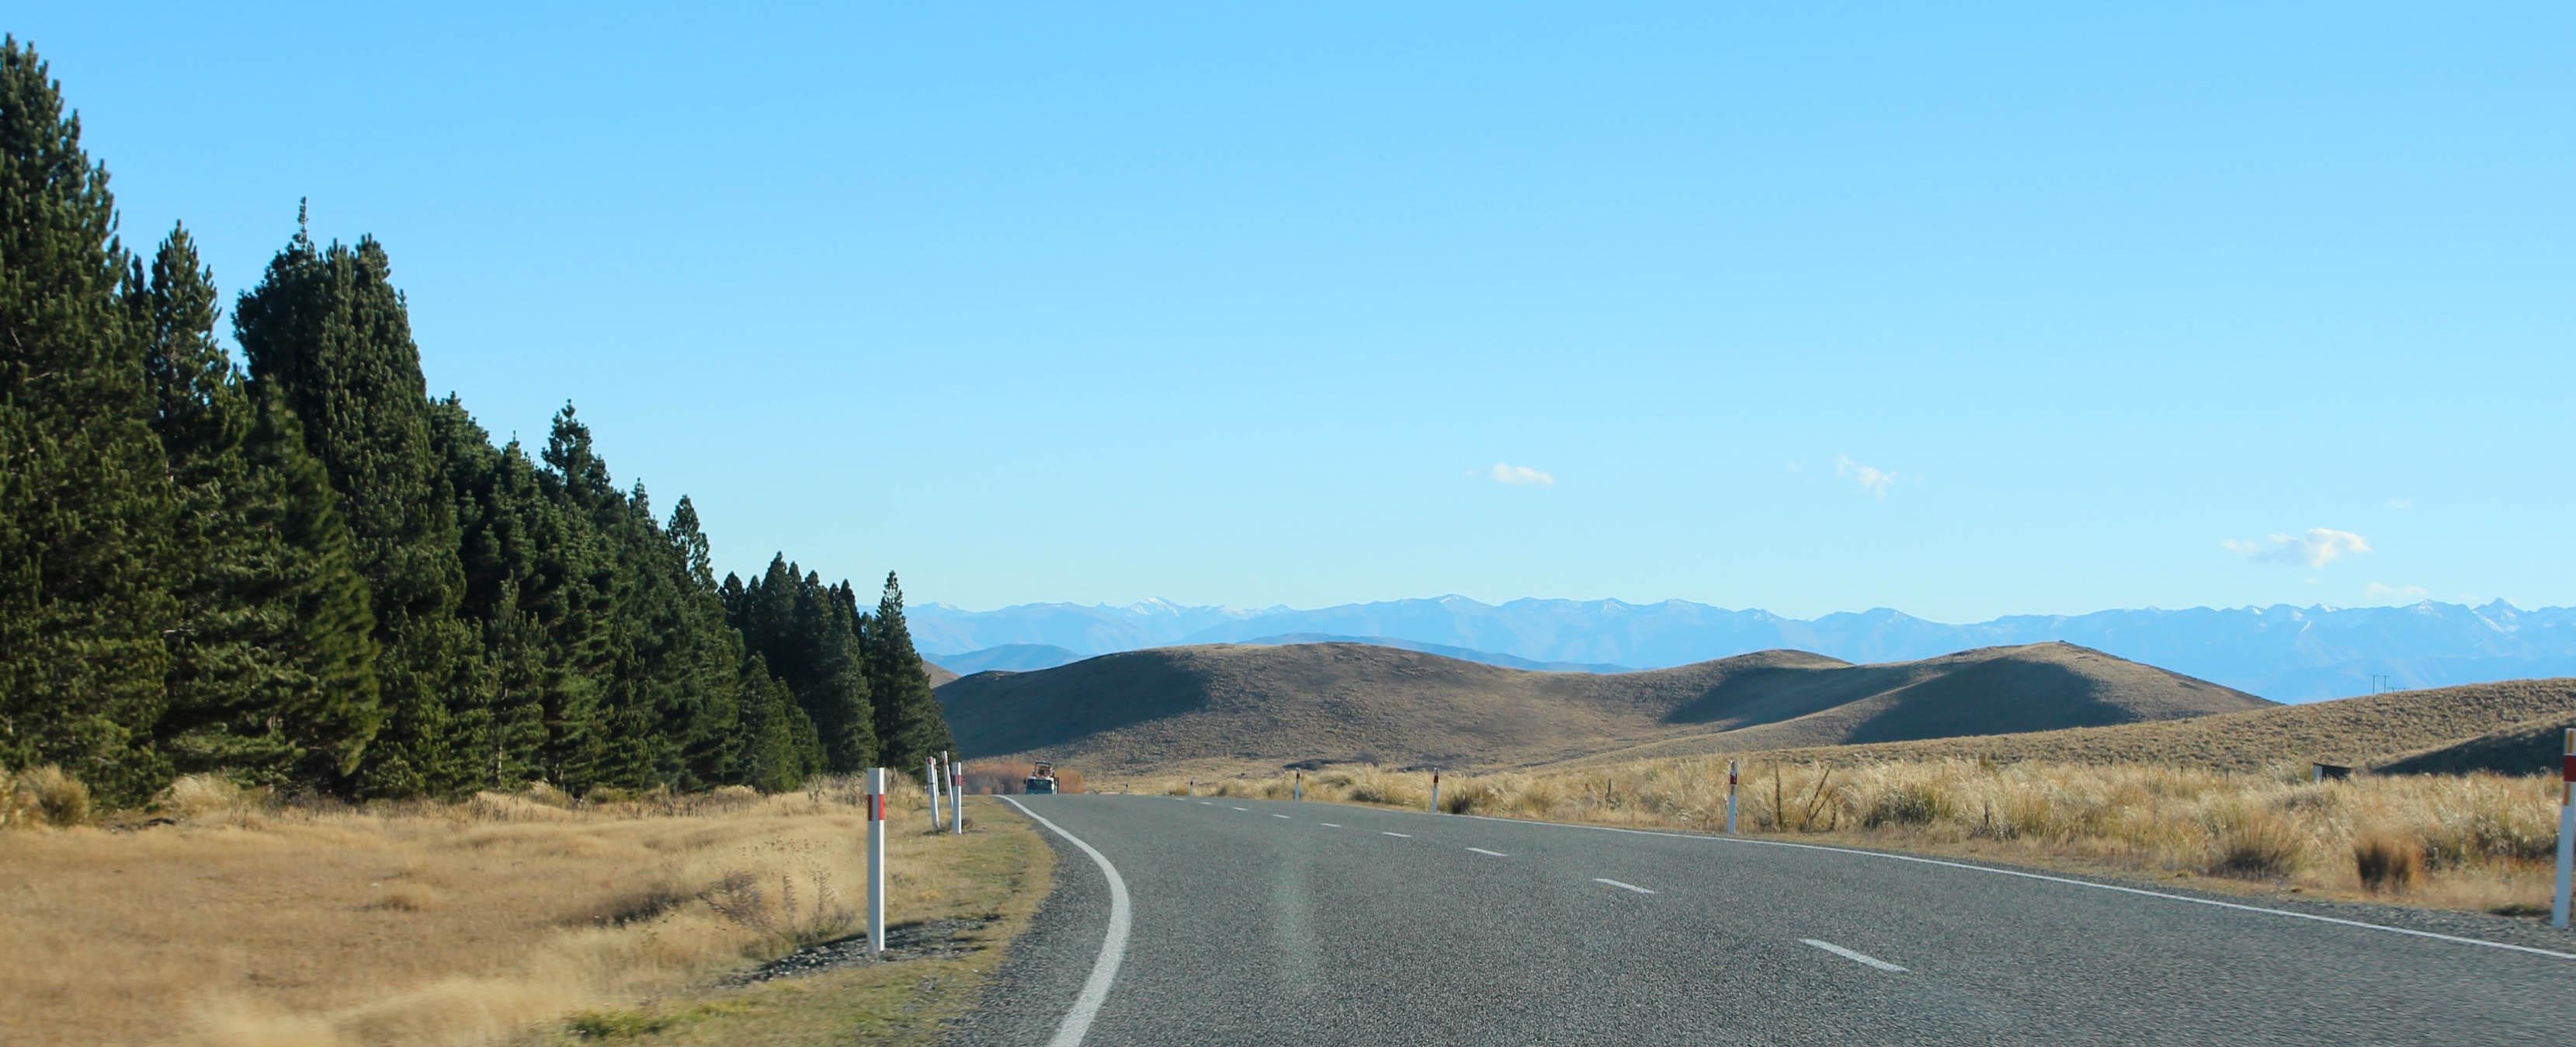 Nouvelle Zélande - Christchurch & twizel - les lubies de louise (9 sur 49)